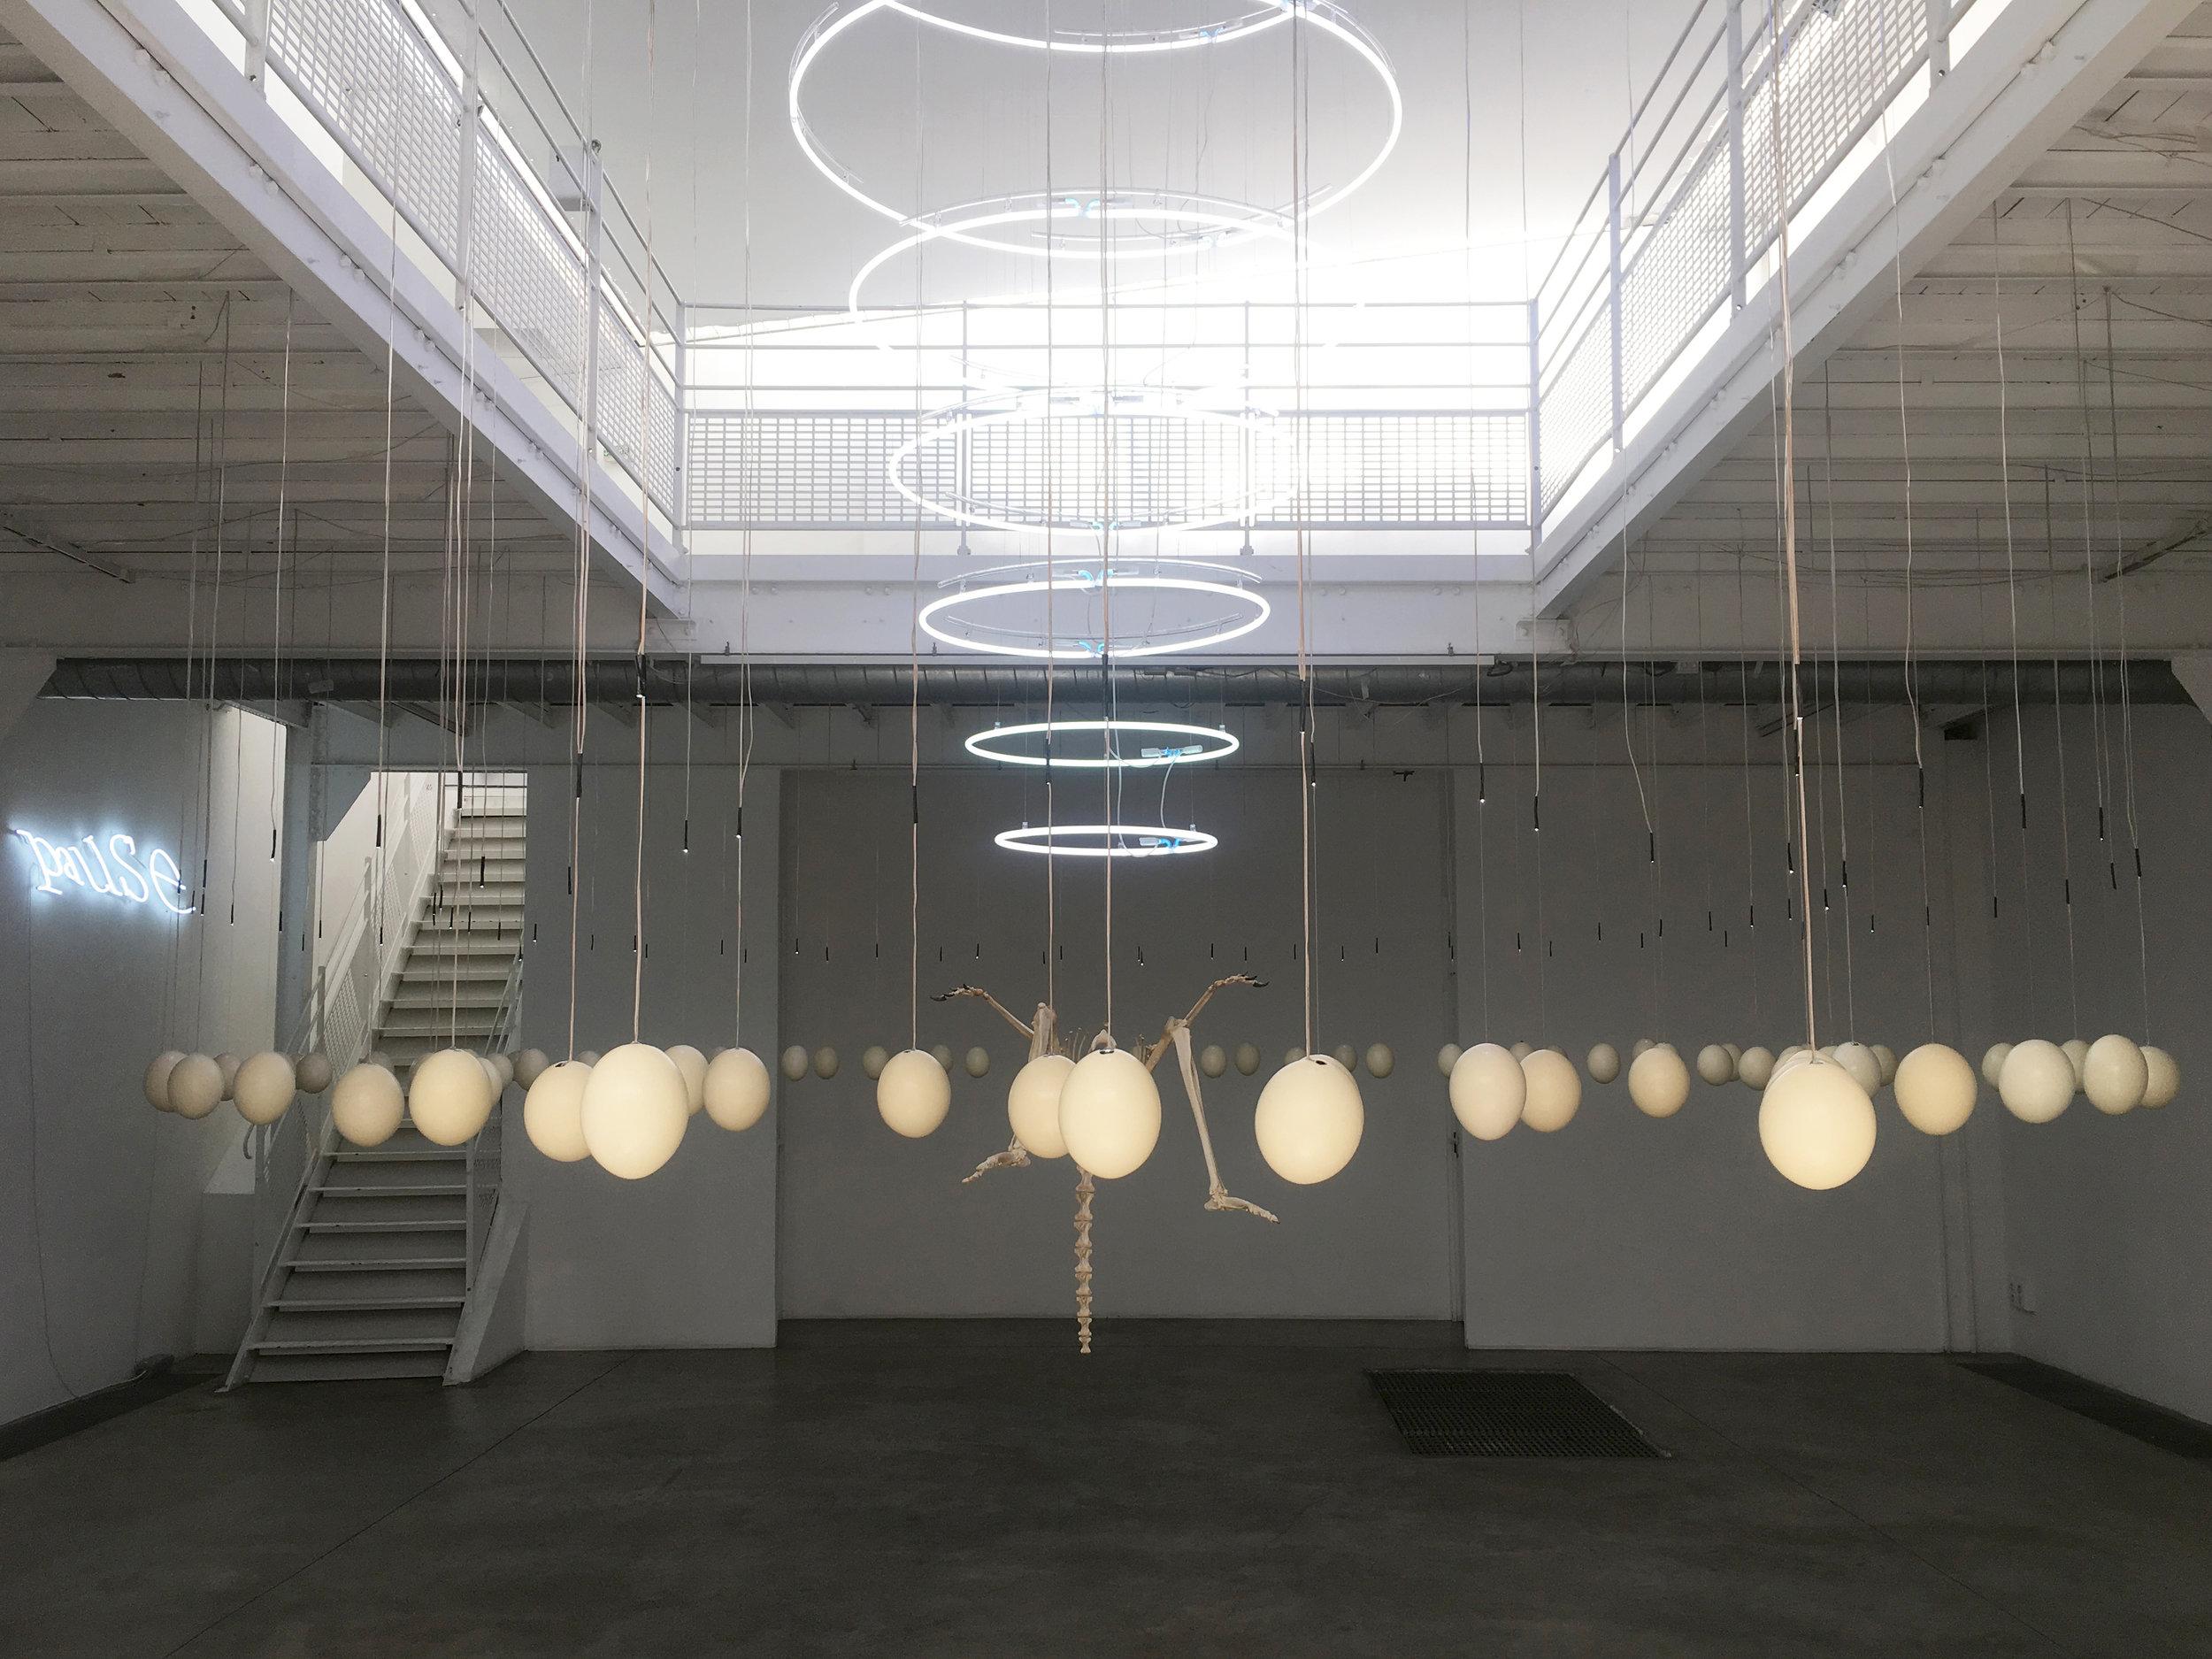 Gallery Exhibition view Art Orienté Objet, 2018, Courtesy Galerie Les filles du calvaire